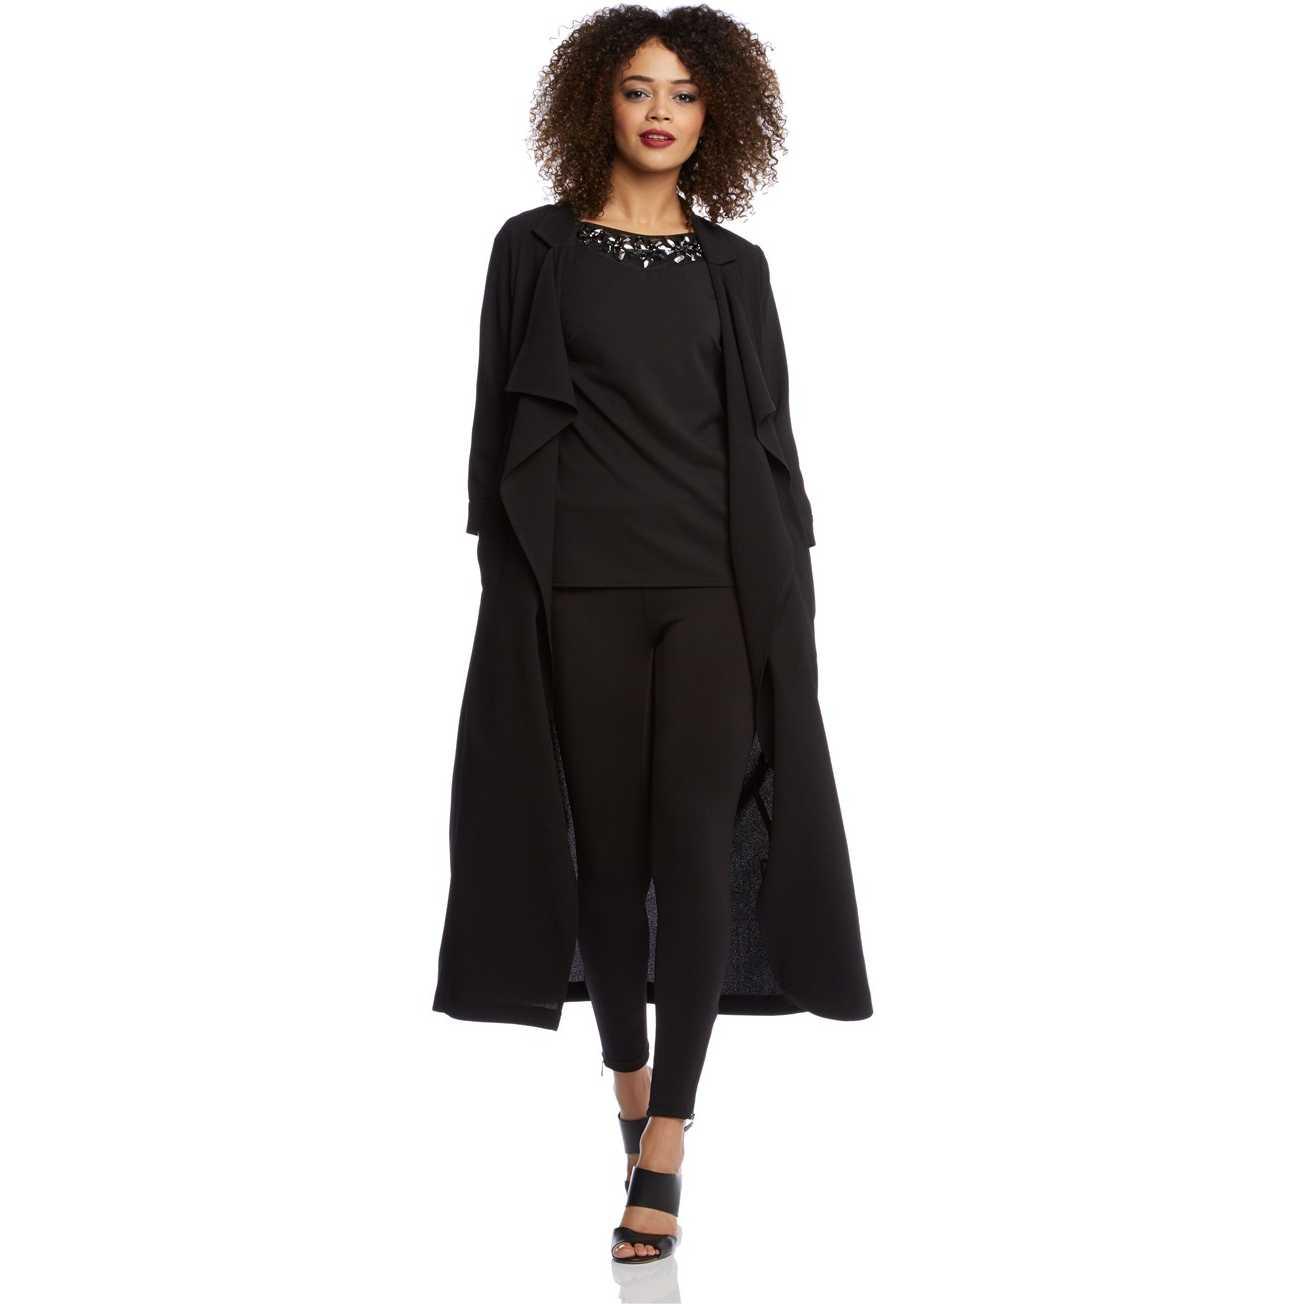 Trenci modern, lung, de culoare neagra pentru femei